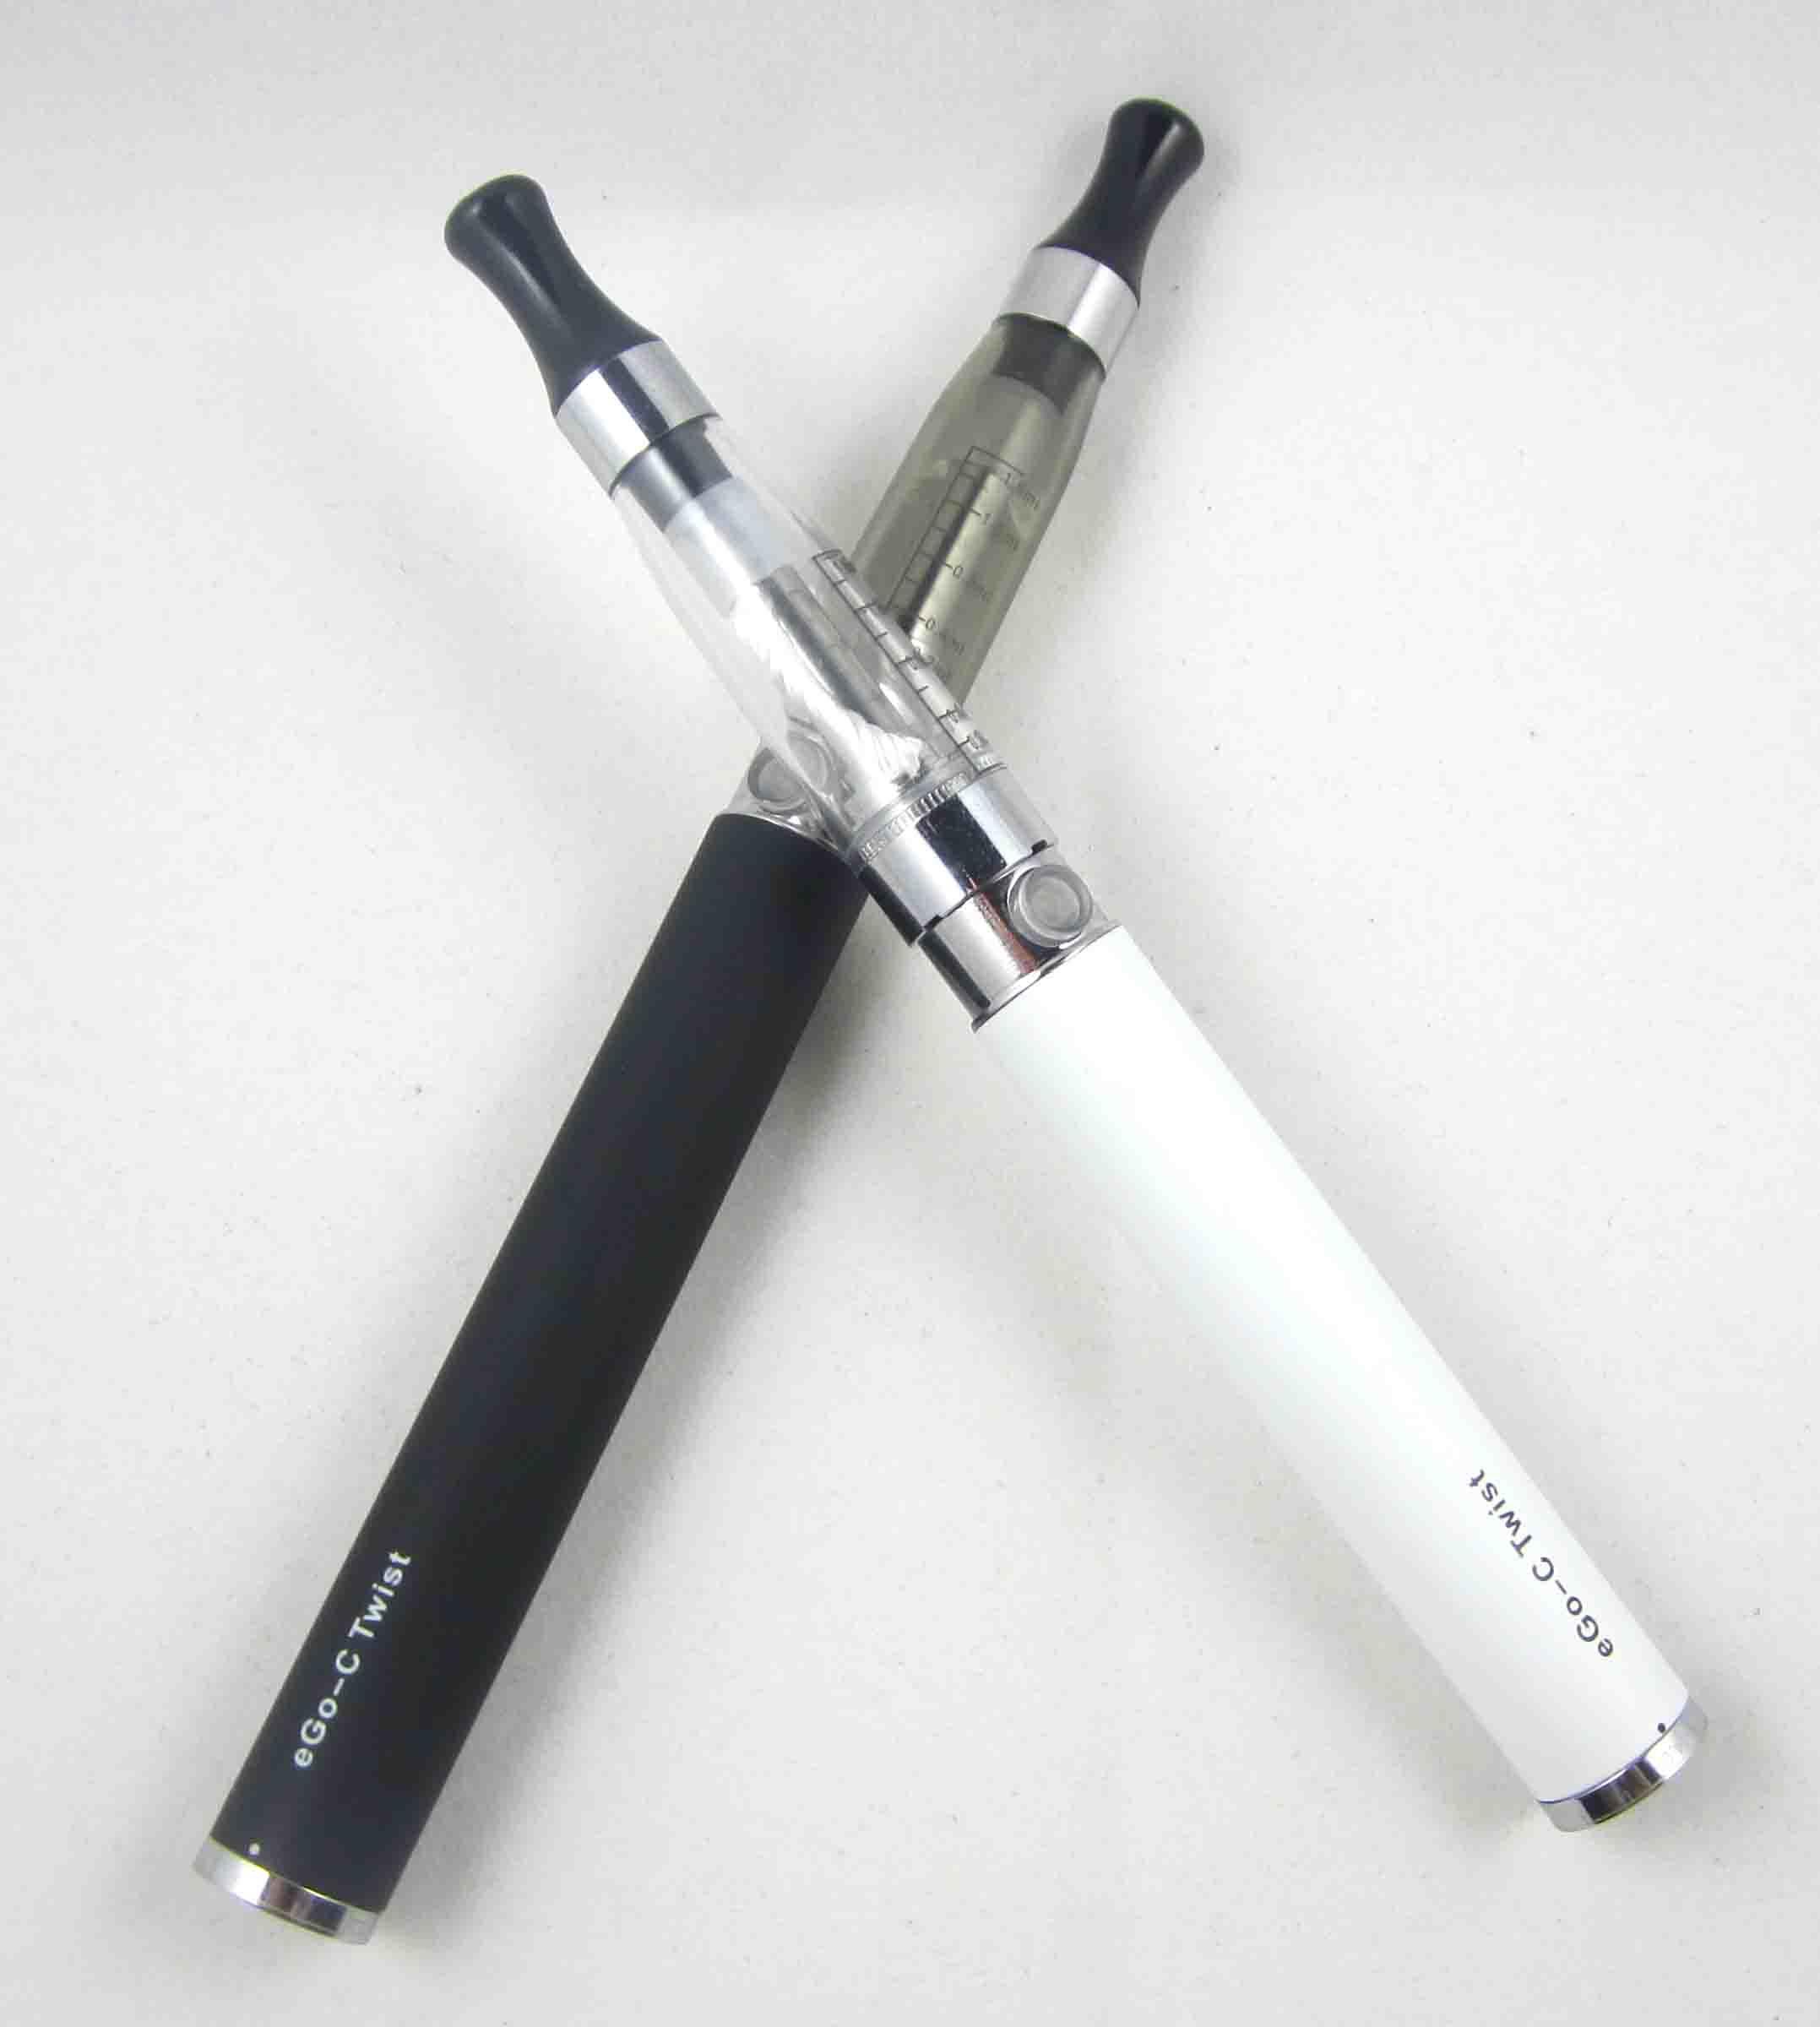 -Ningu-n-cigarrillo-electr-nico-del-EGO-de-la-.jpg